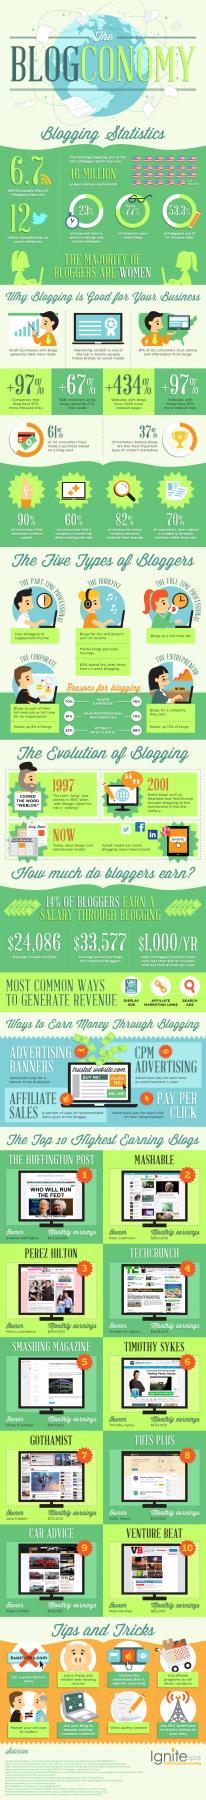 the-blogconomy-infographic